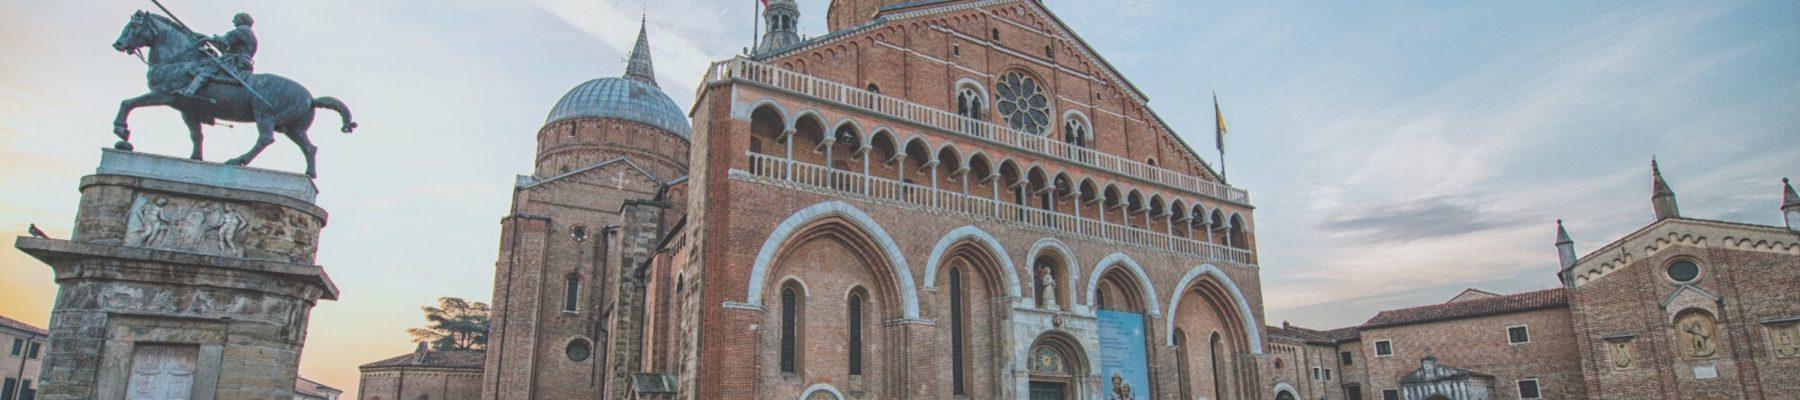 Visita Padova con Mariaclaudia